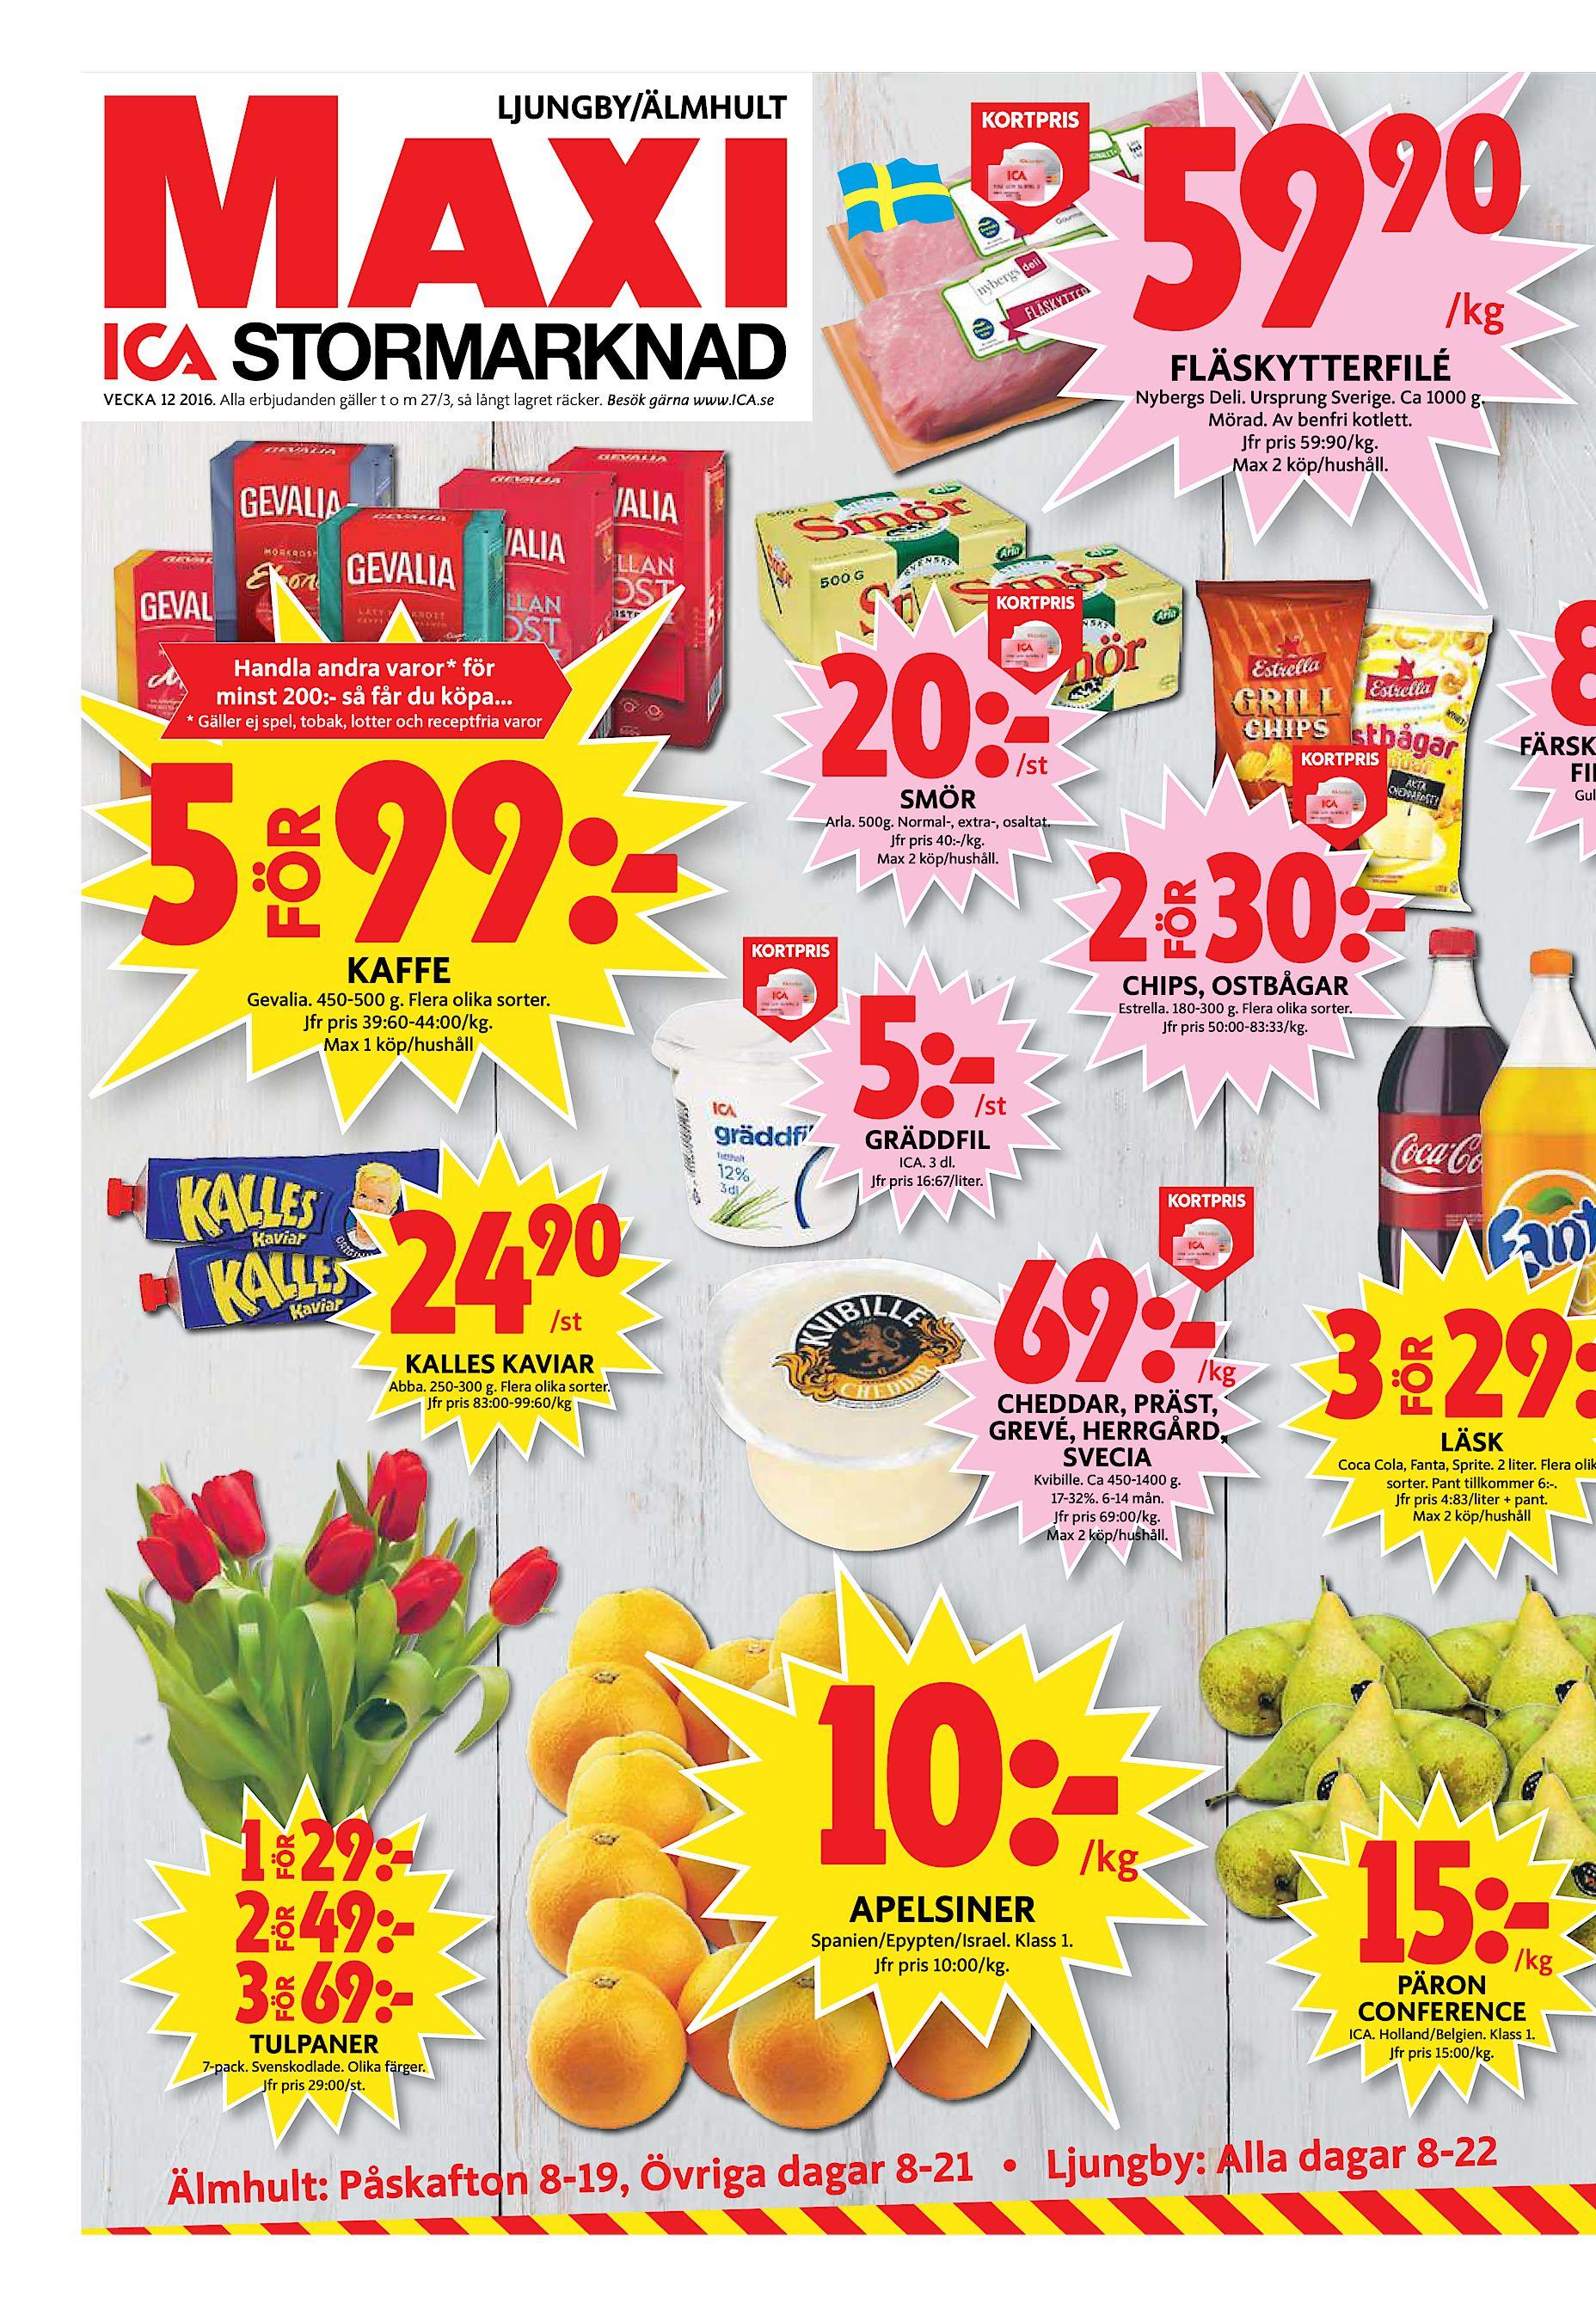 sale retailer 29f97 c22af LJUNGBY ÄLMHULT 59 90 KORTPRIS  kg FLÄSKYTTERFILÉ Nybergs Deli. Ursprung  Sverige. Ca 1000 g. Mörad. Av benfri kotlett. Jfr pris 59 90 kg. Max 2 köp  hushåll.